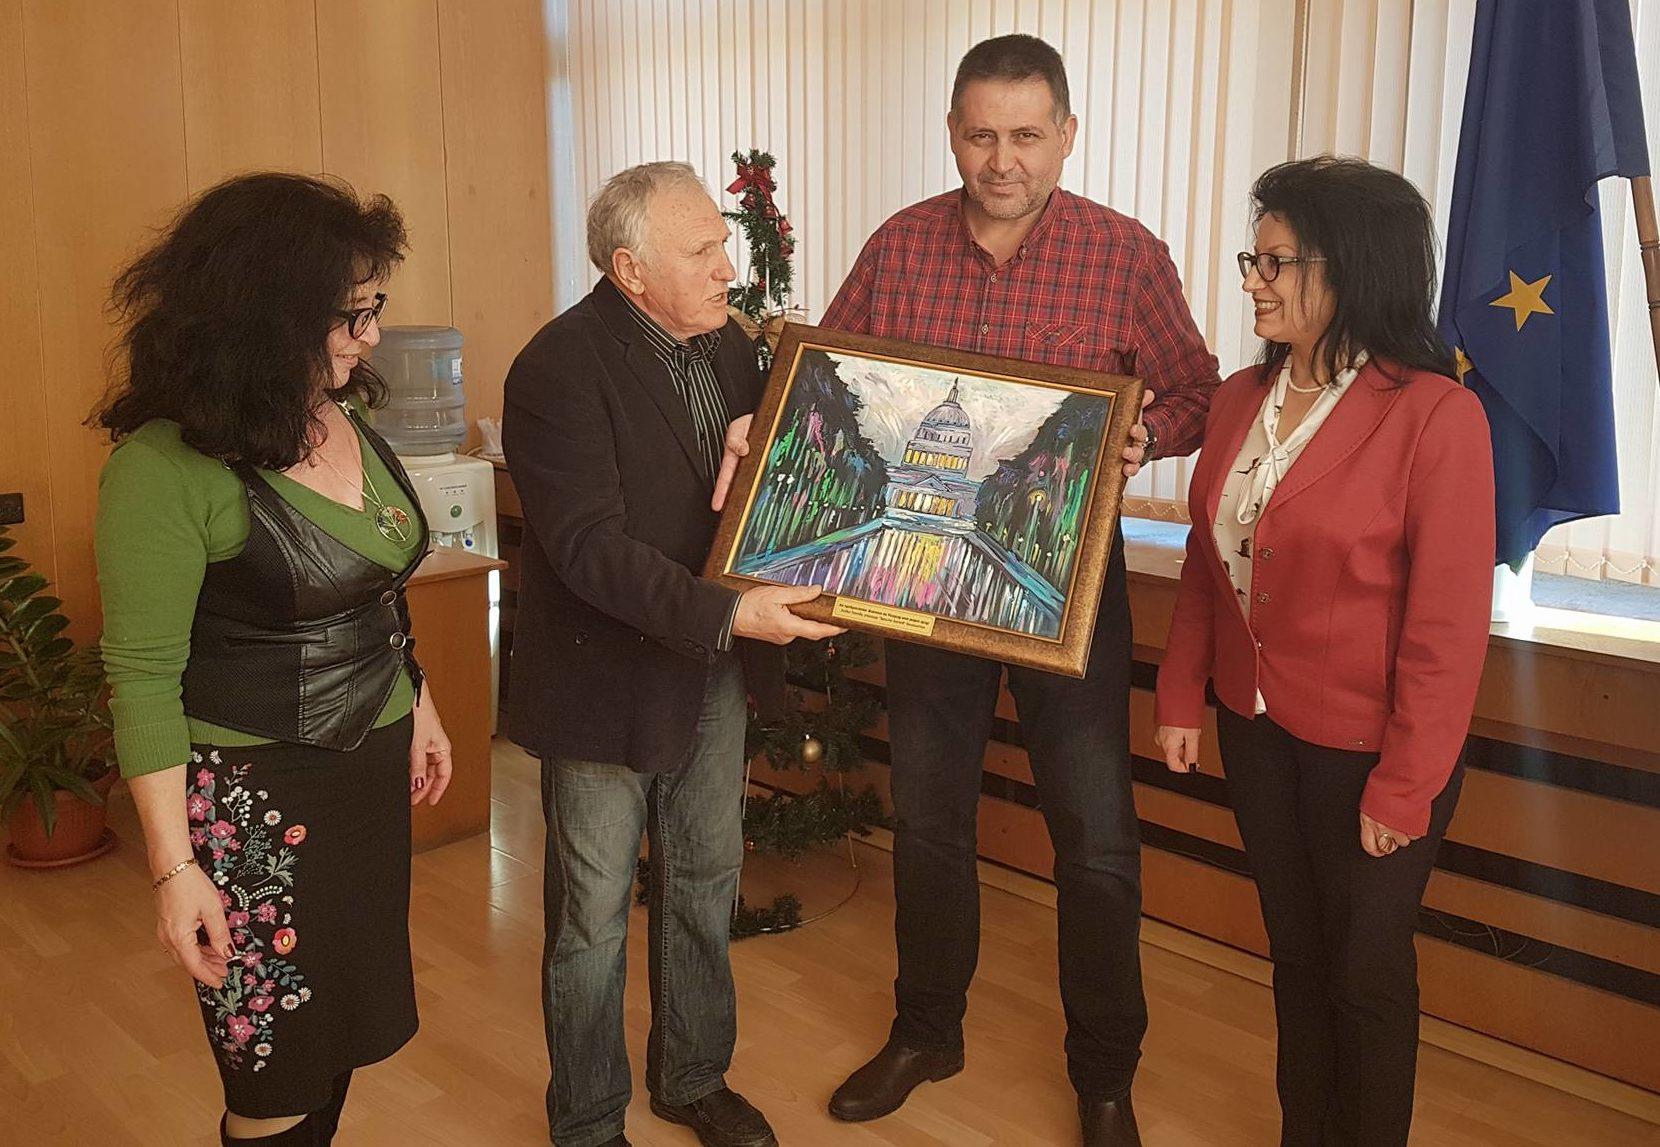 Българското училище във Вашингтон подари картина с ма� ...